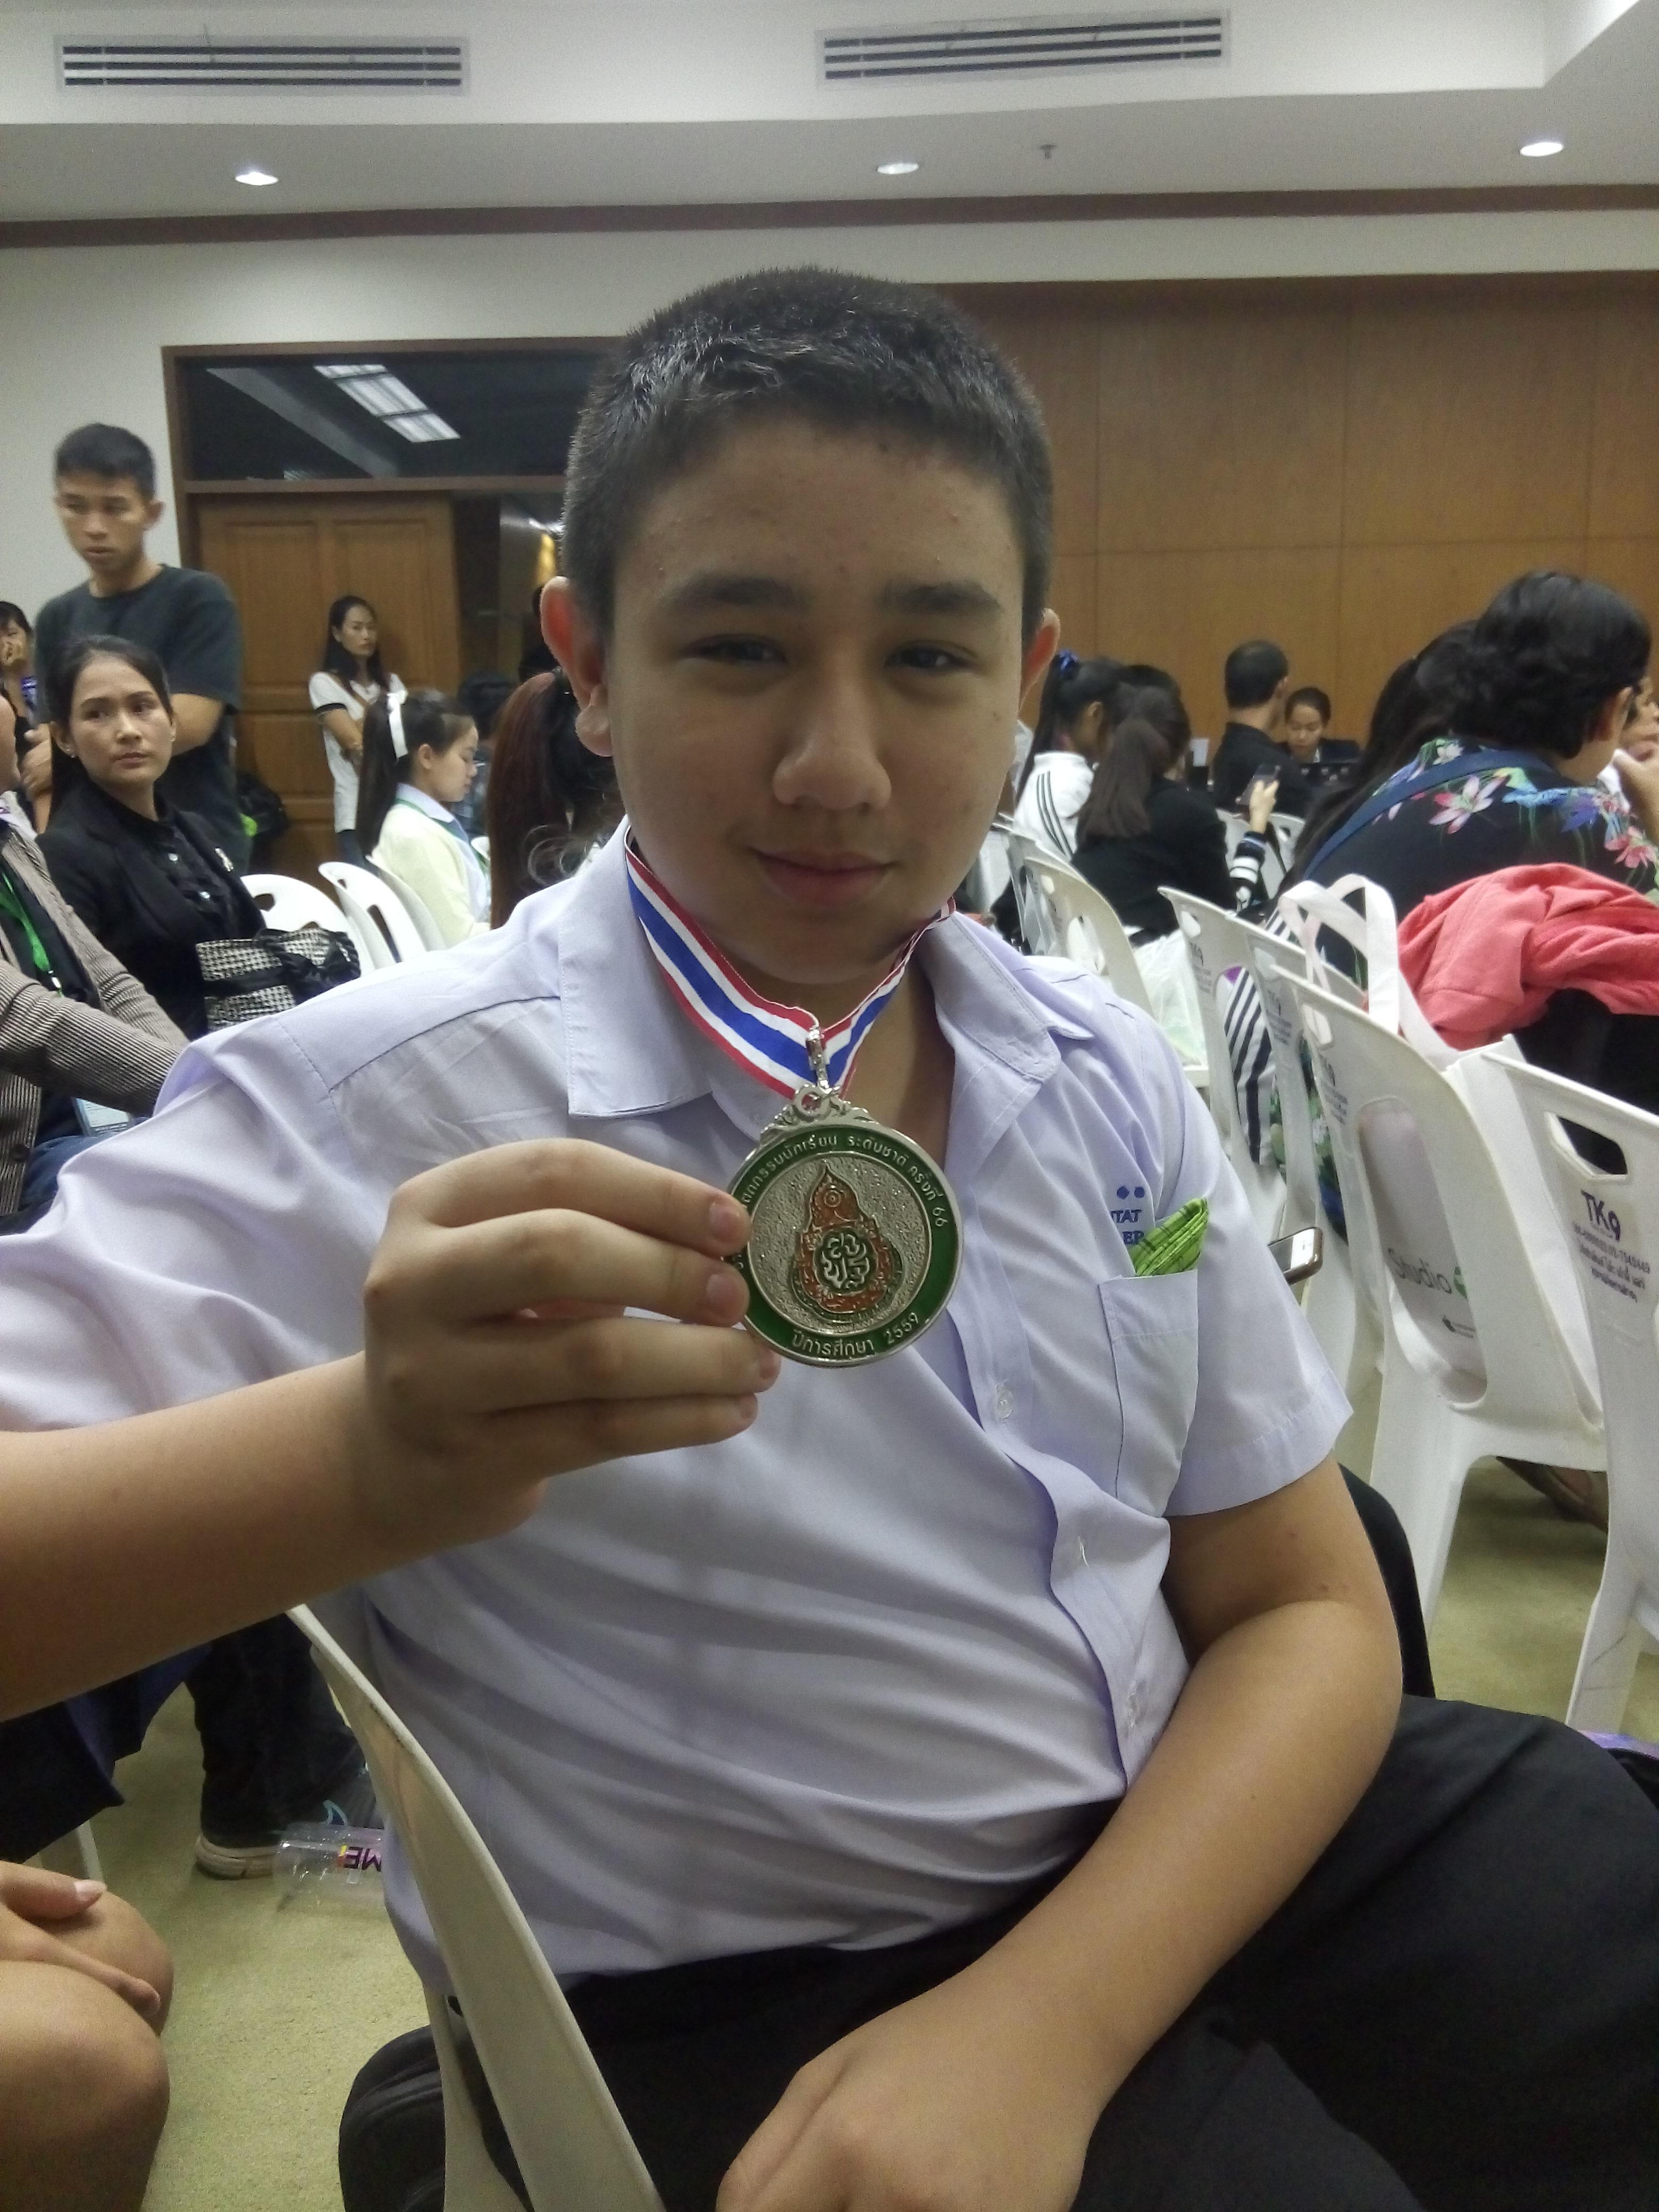 รางวัลรองชนะเลิศอันดับหนึ่ง ระดับประเทศ (คะแนนห่างจากผู้ชนะเลิศเพียง 0.33)